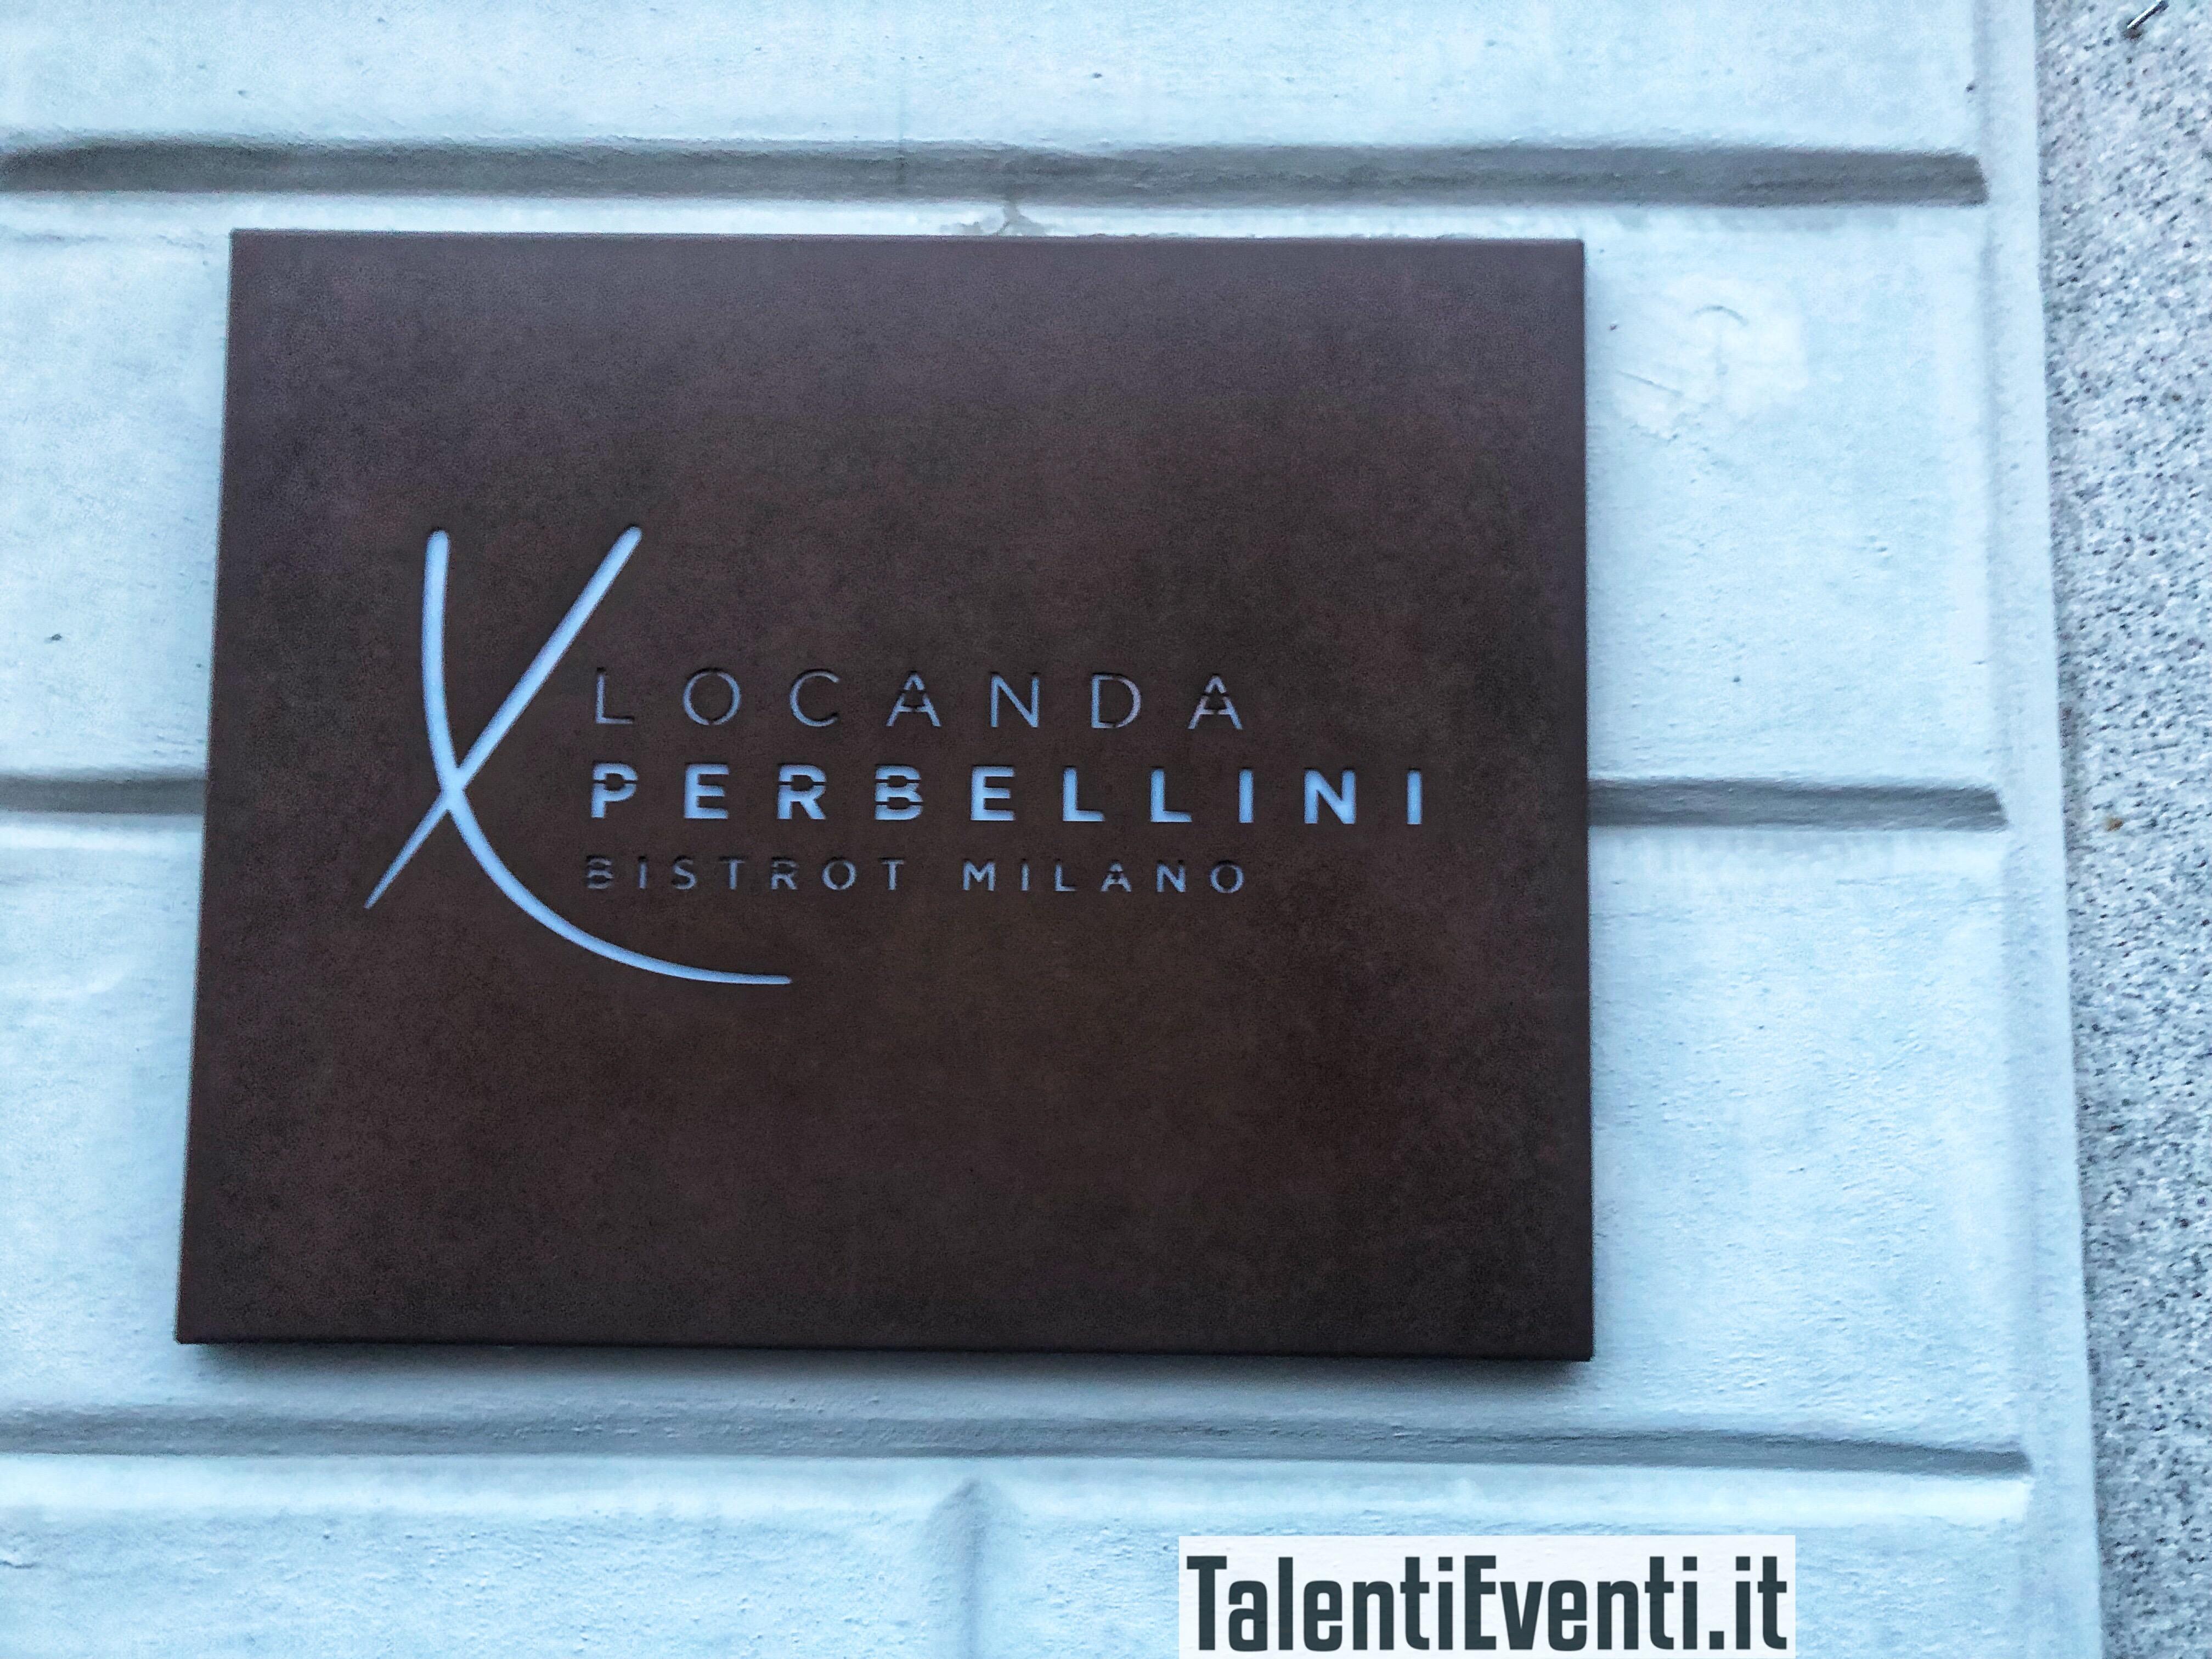 Locanda Perbellini - Milano